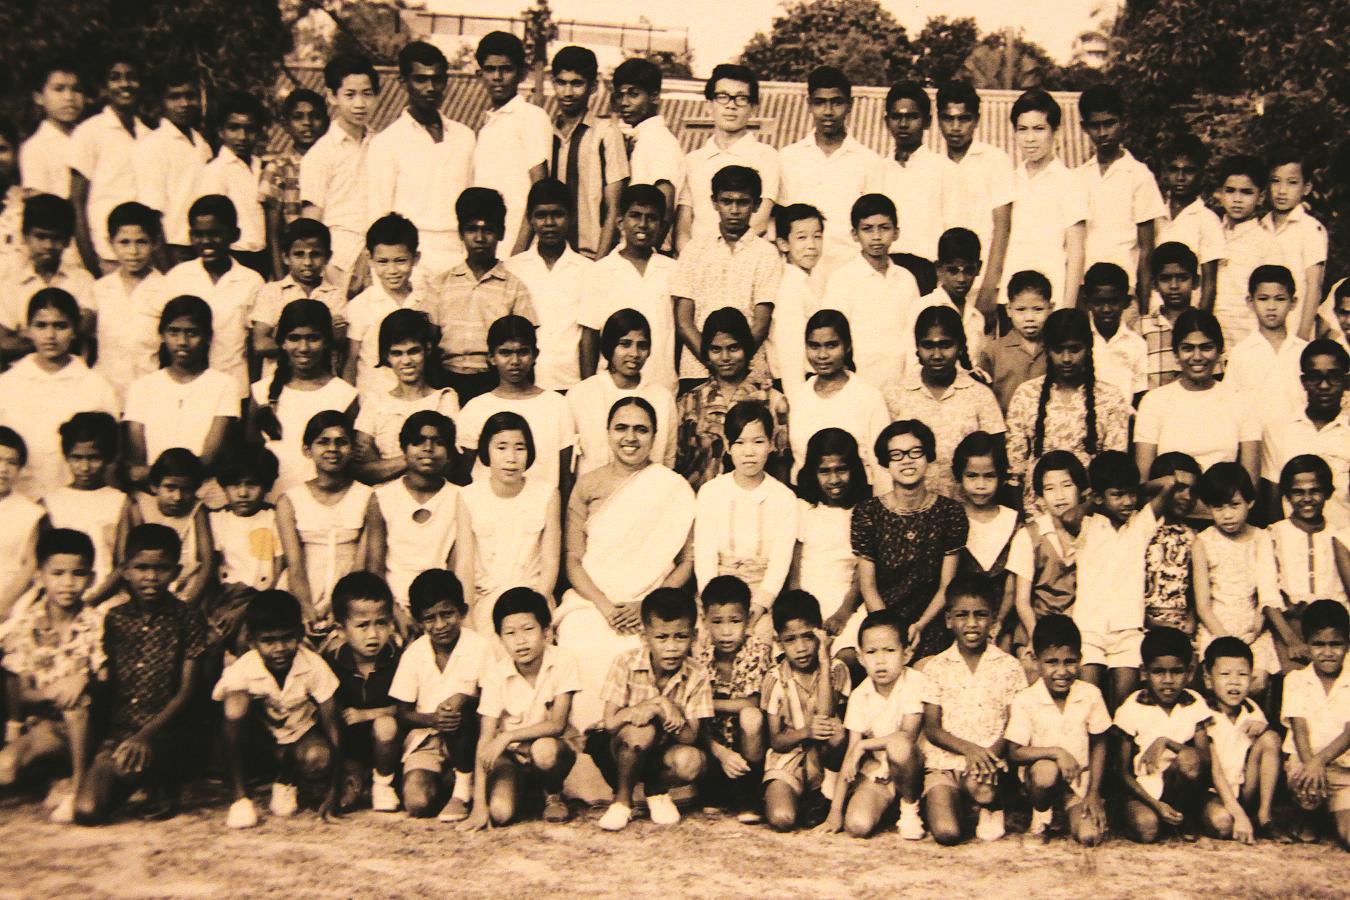 孟卡兰主持的清心慈善社给了麻疯病院的后代一个家。(照片由孟卡兰提供)